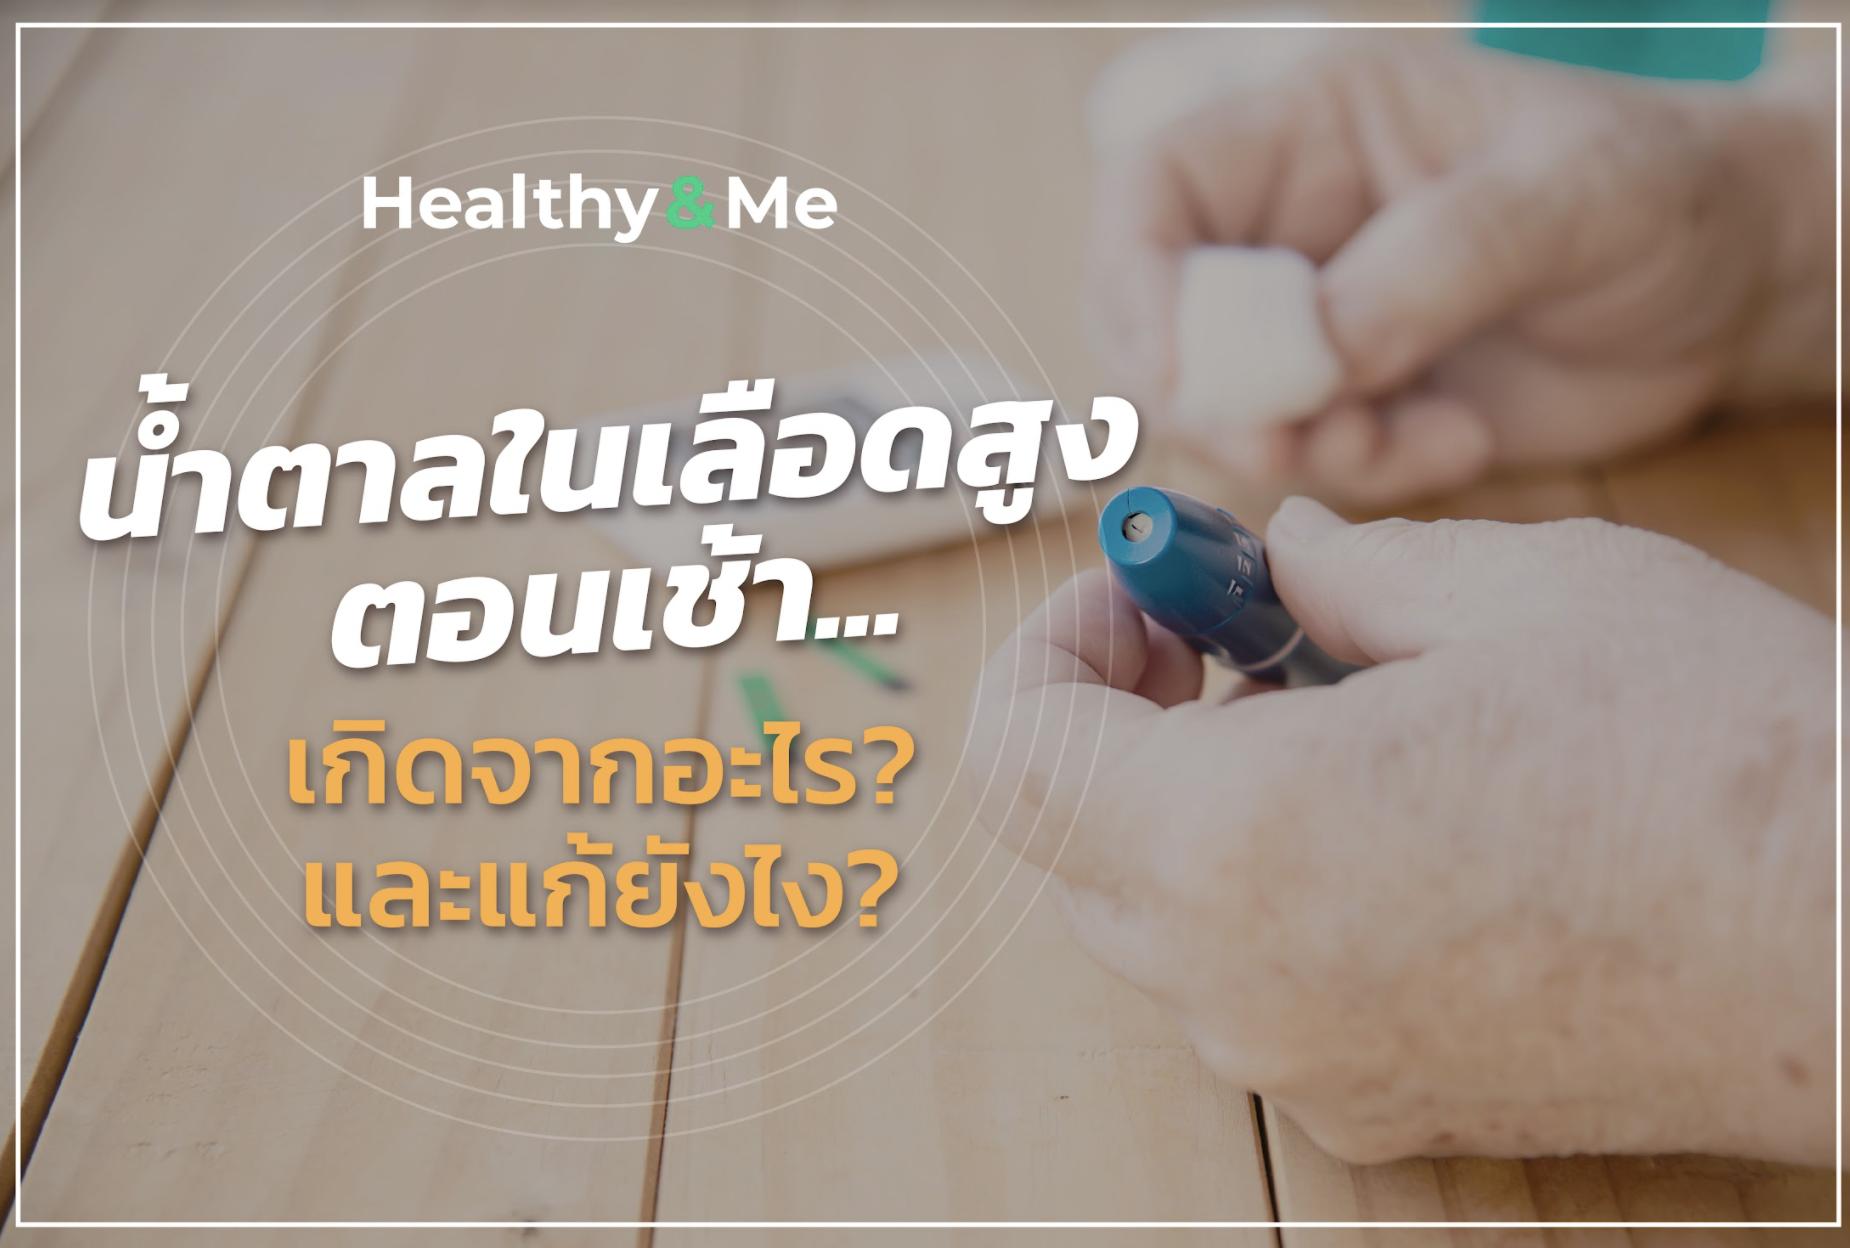 บทความ น้ำตาลในเลือดสูงตอนเช้า...เกิดจากอะไร? และแก้ยังไง?